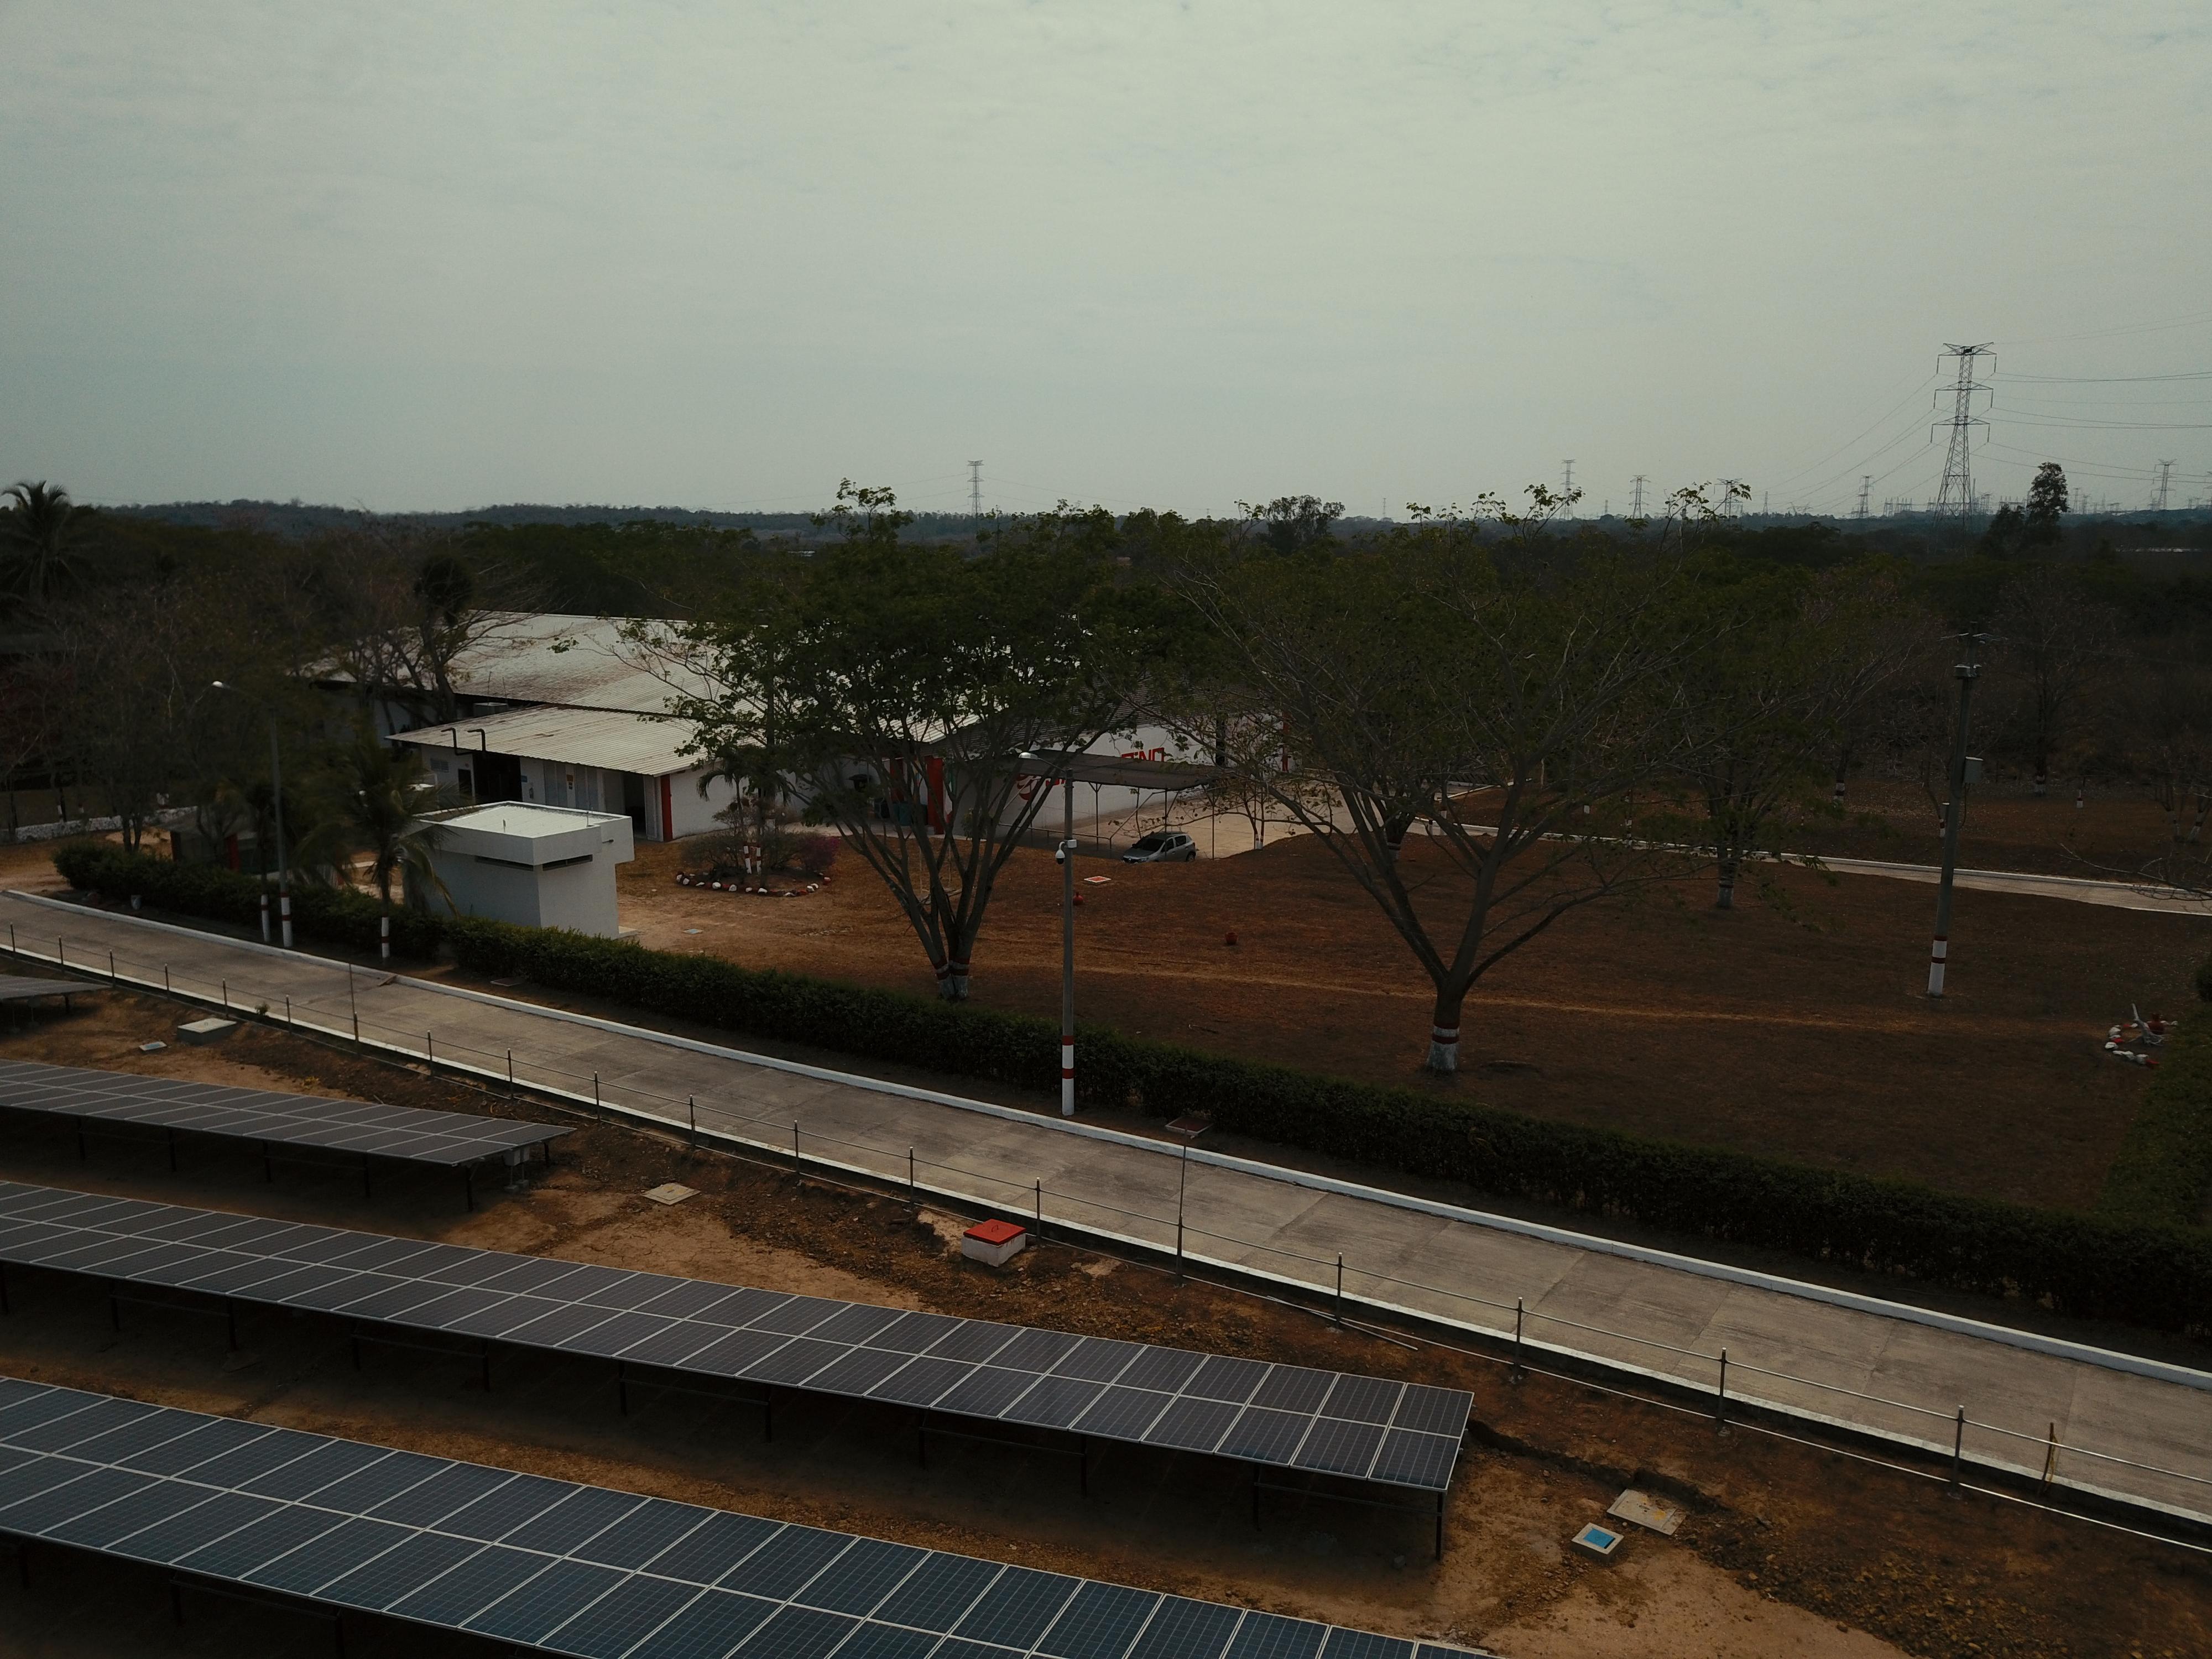 Italener - Cleaning Energies For A Sustainable Future / Italener - Energías limpiadoras Para Un futuro Sostenible